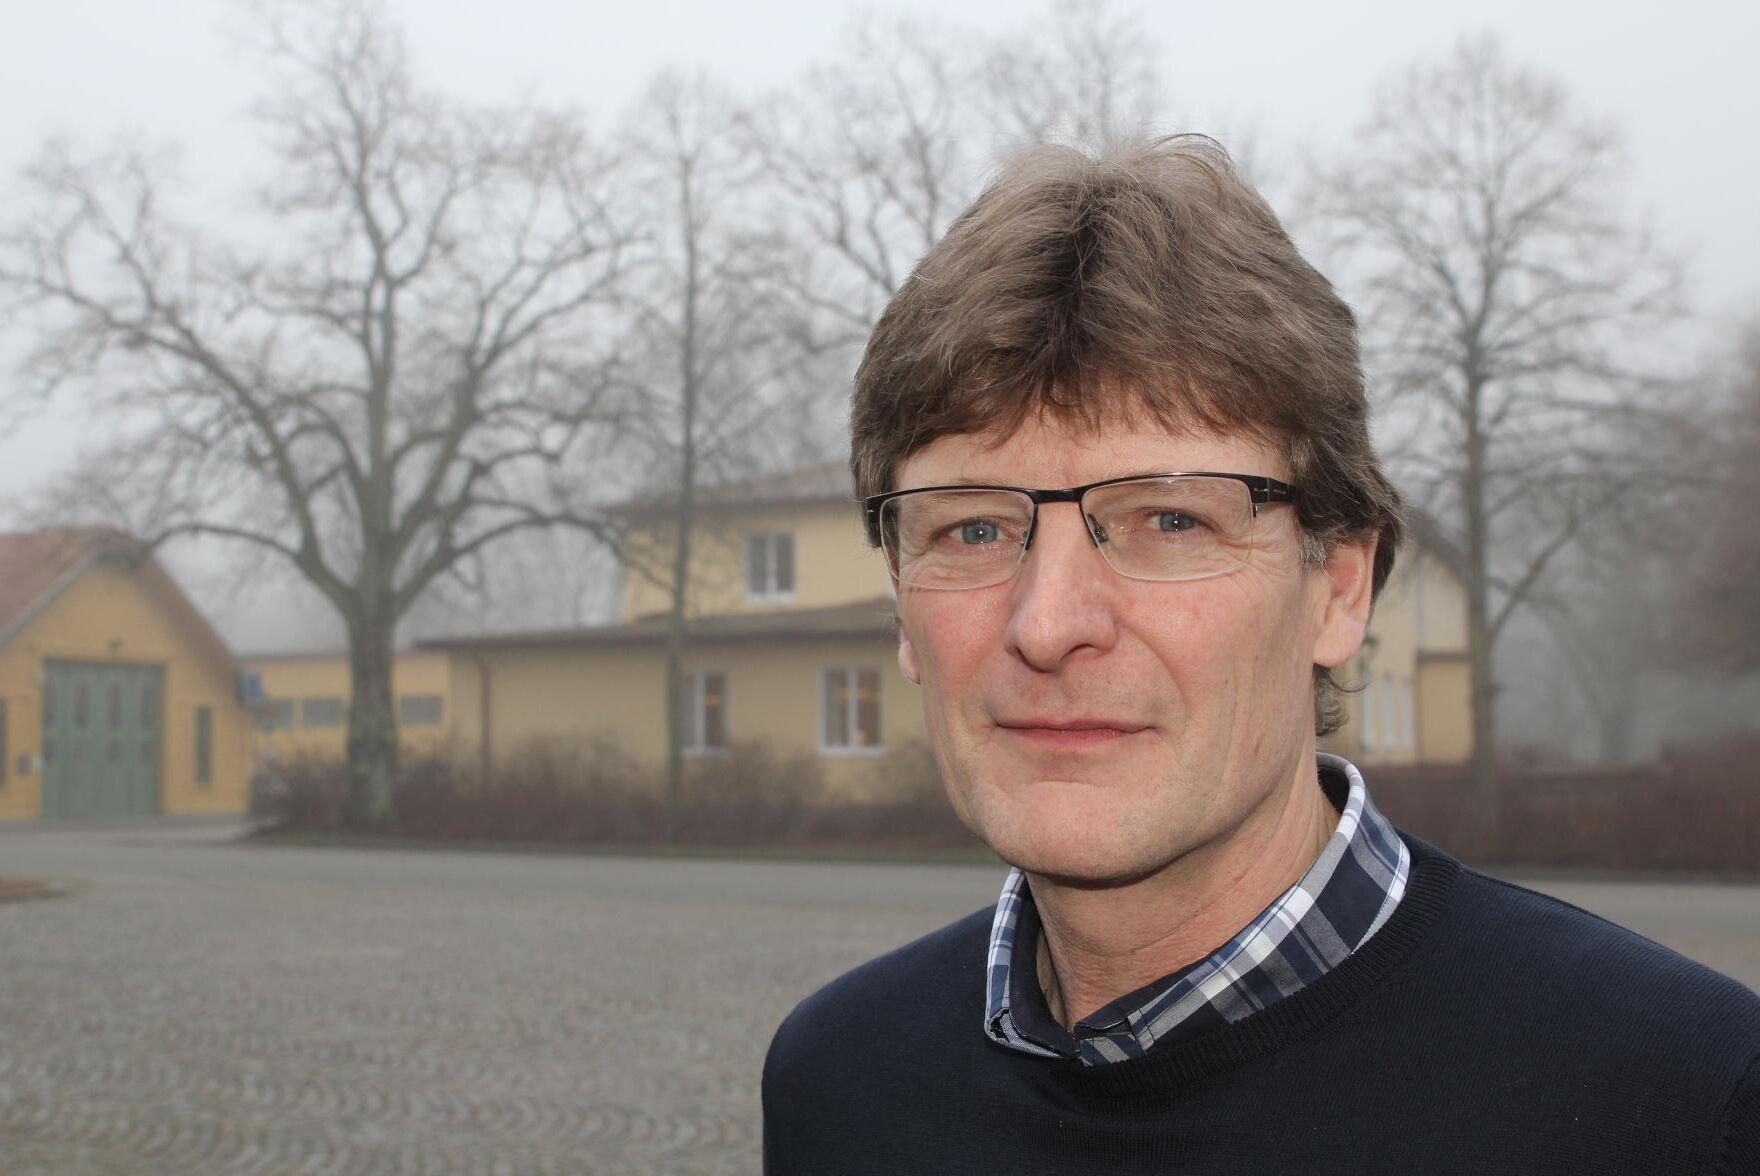 Små kvalitetsskillnader på spannmålen kan betyda stora skillnader i pris visar marknadsrådgivare Anders Pålssons granskning.